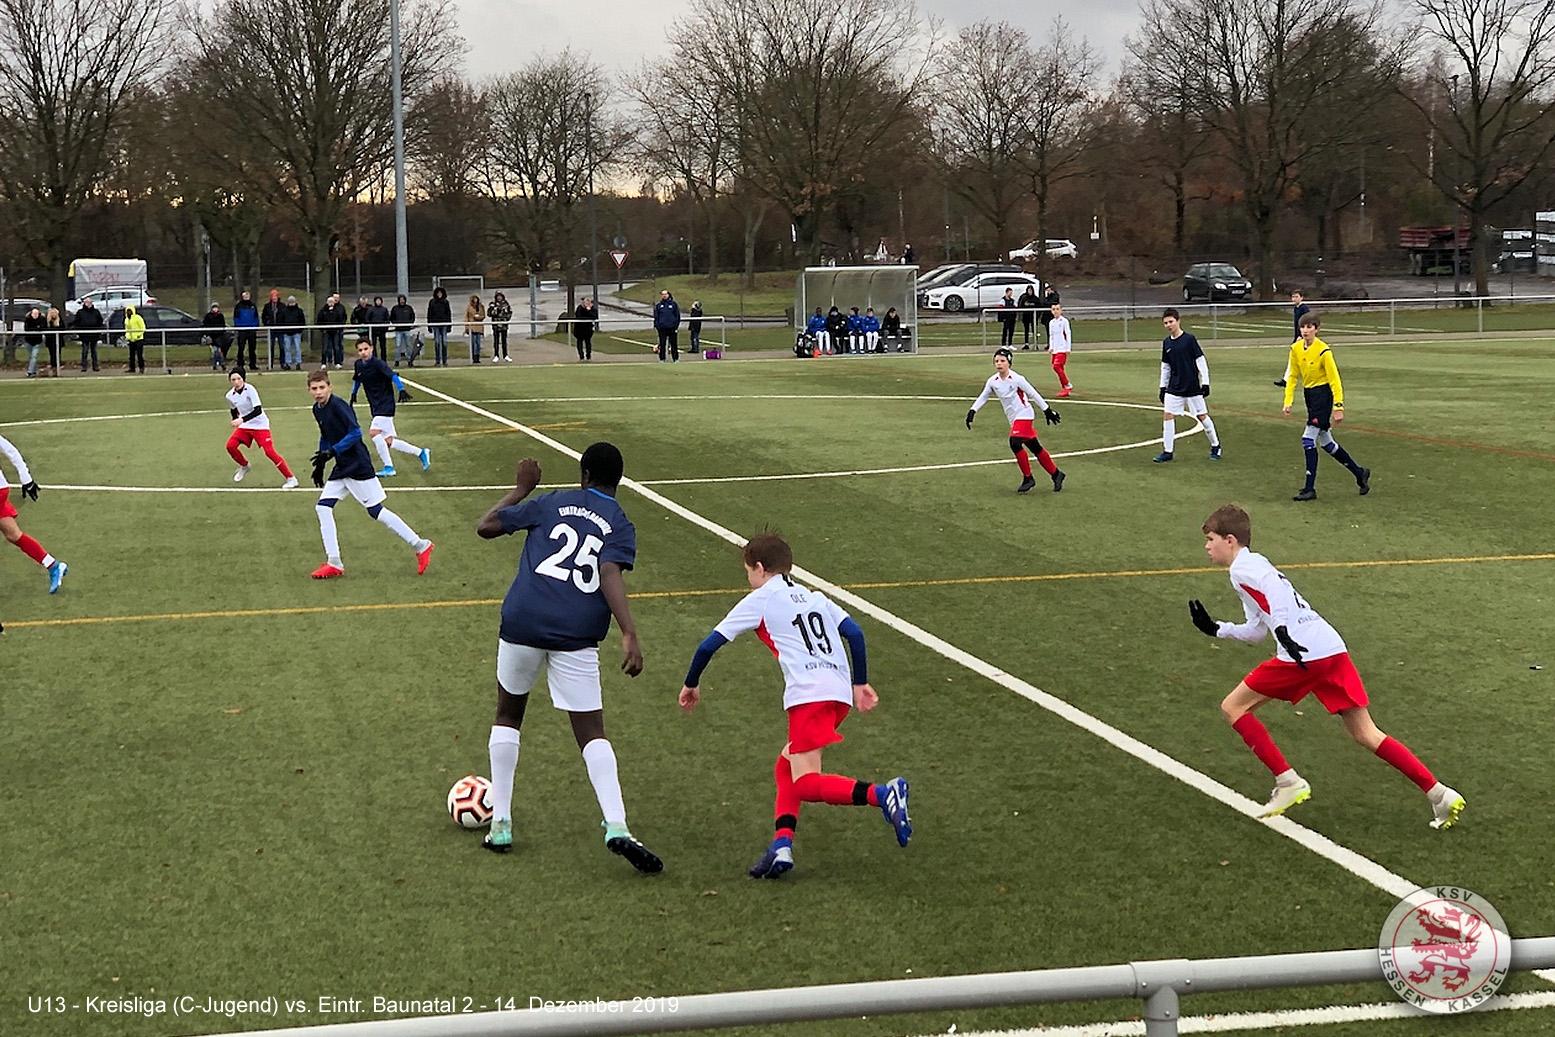 U13 - Eintracht Baunatal